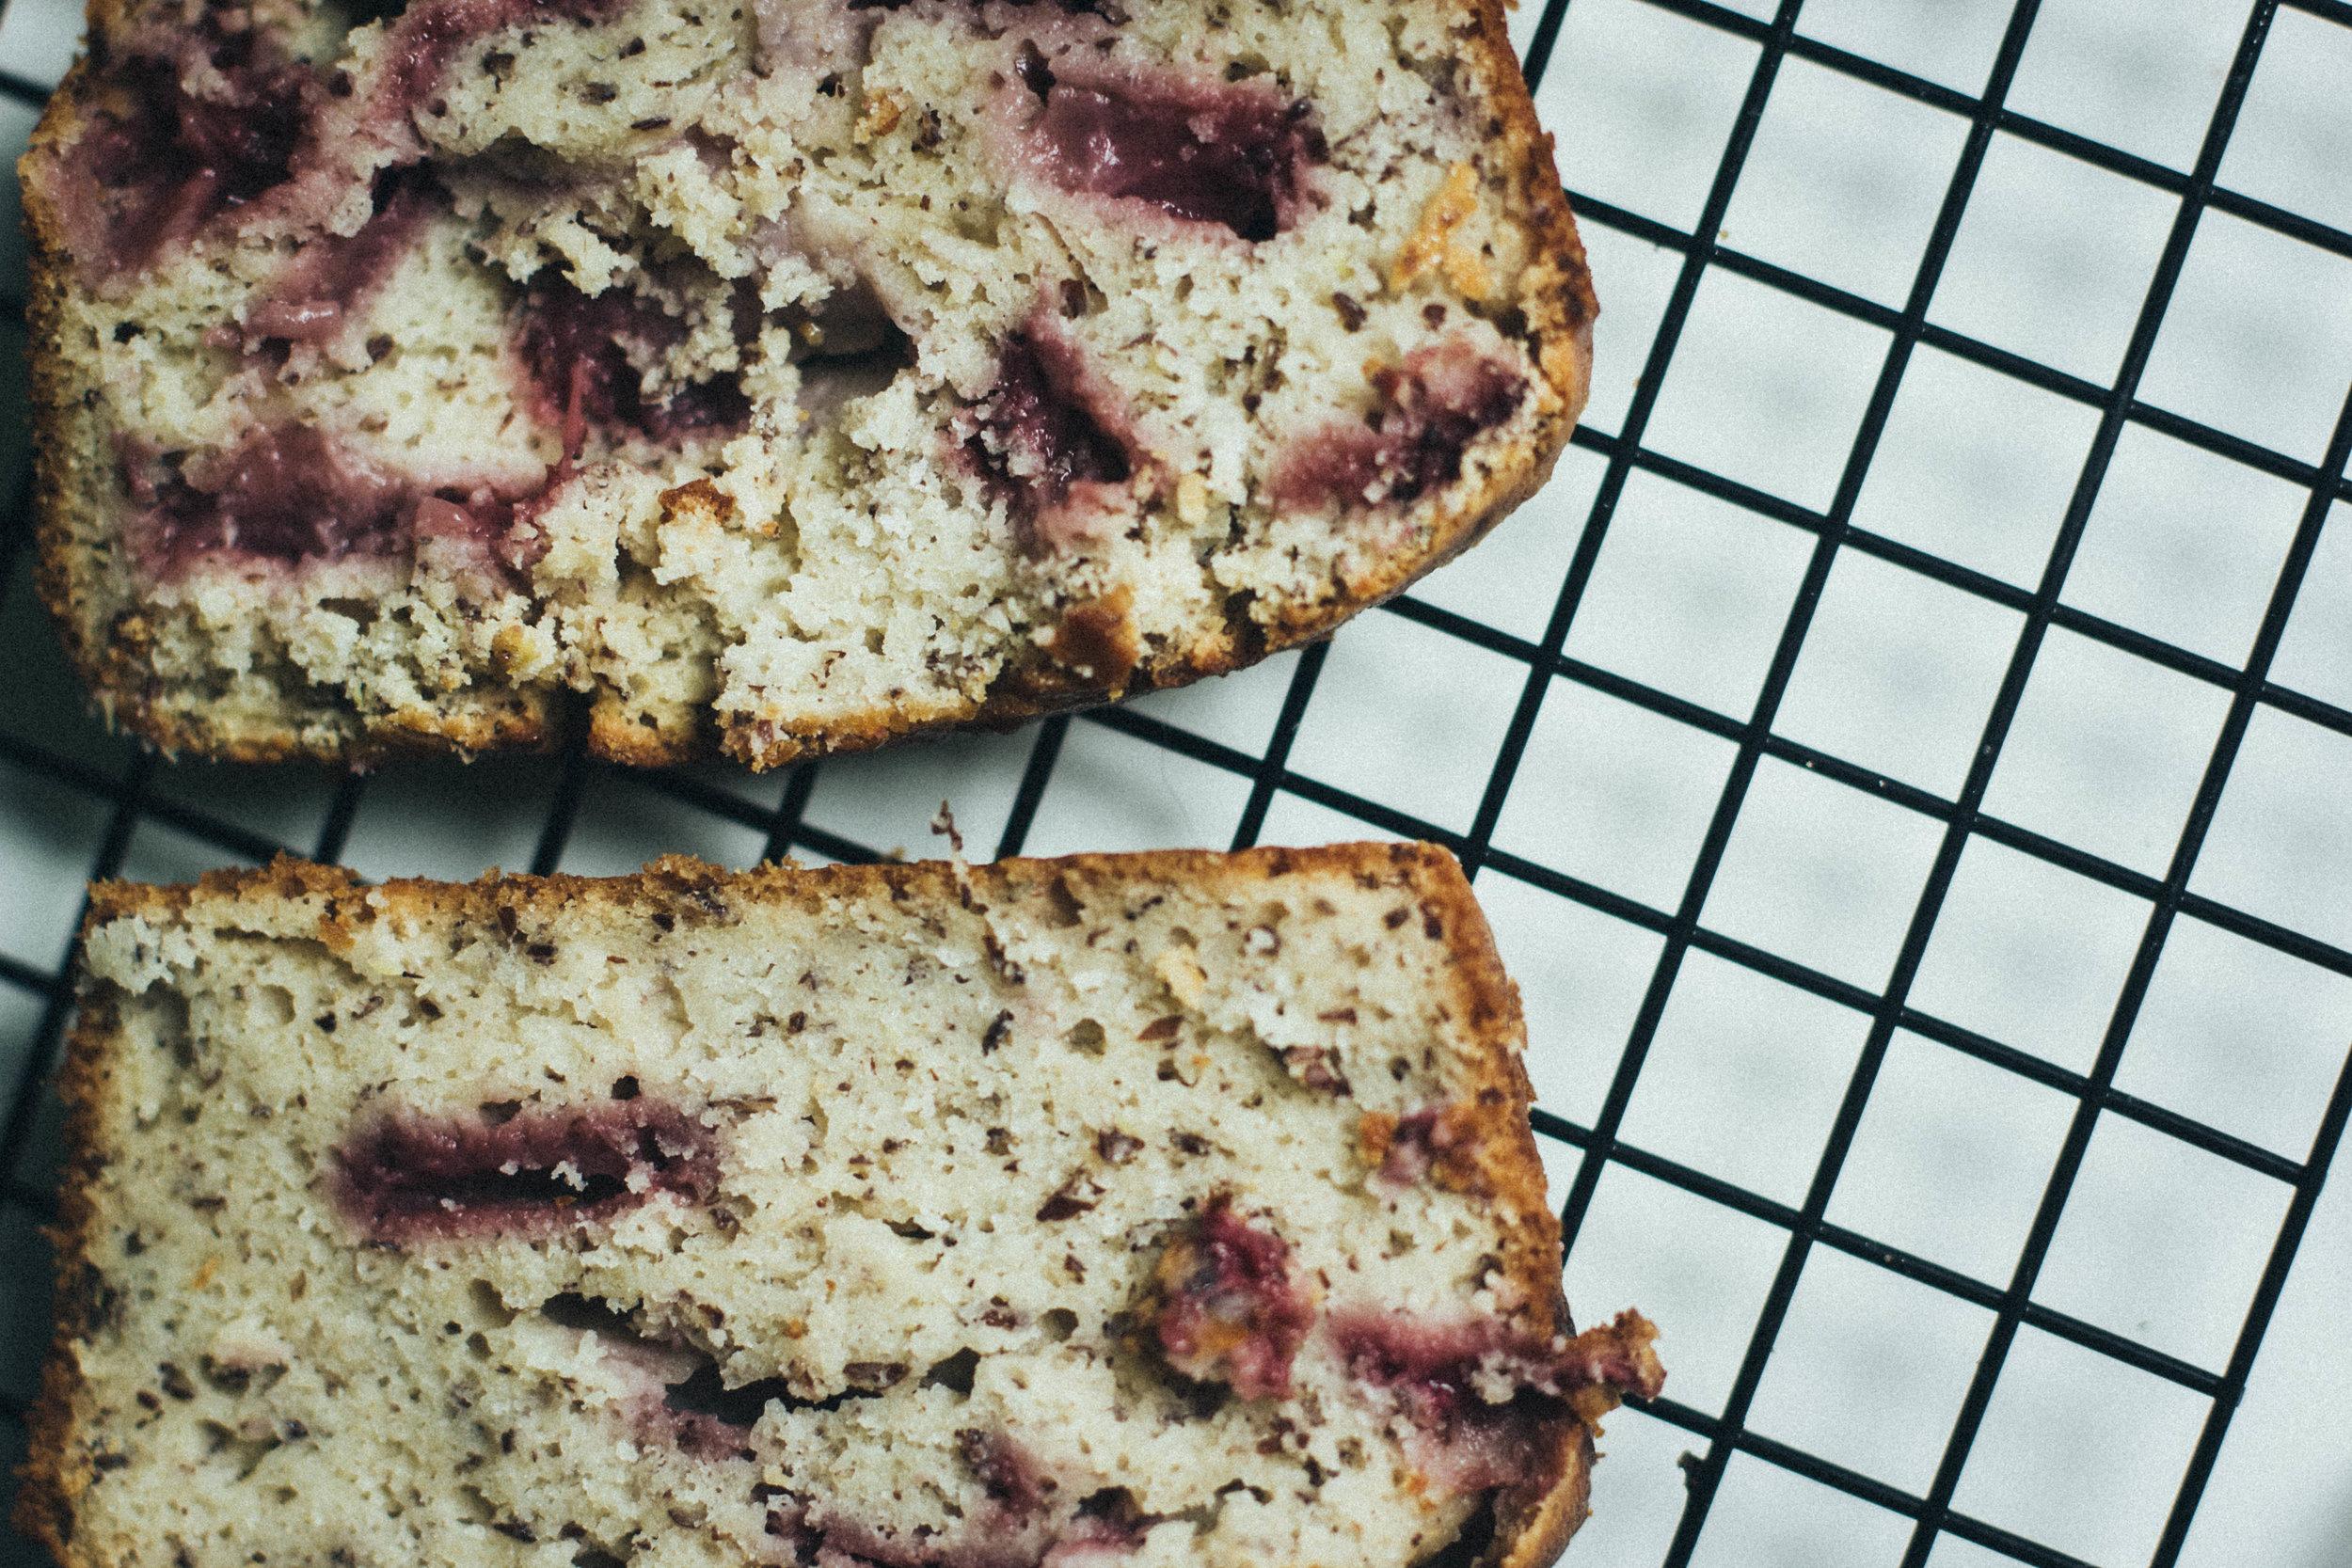 strawb flax loaf 4-1.jpg